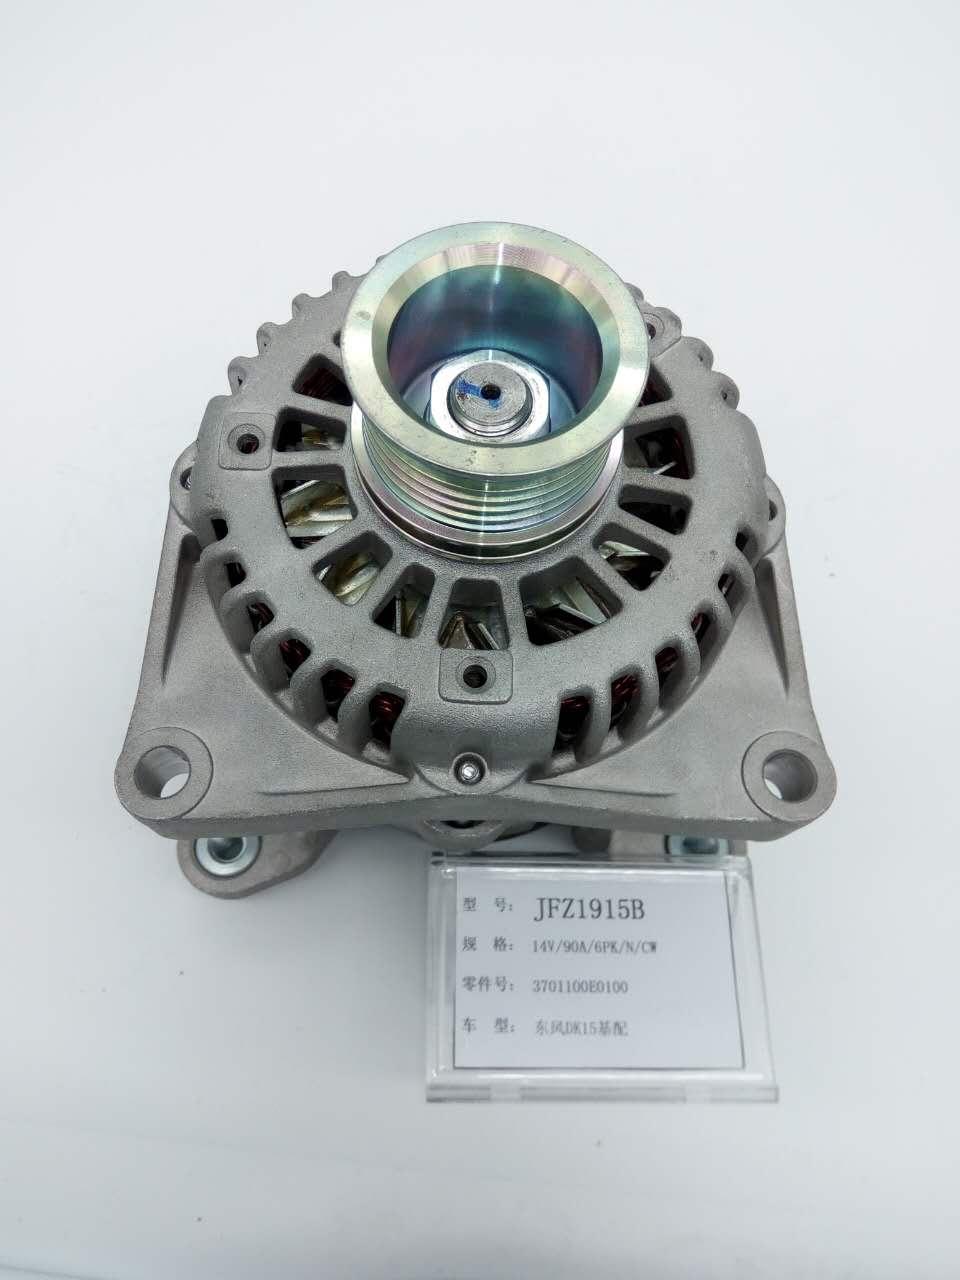 雷米發電機3701100E0100適用于東風DK15基配